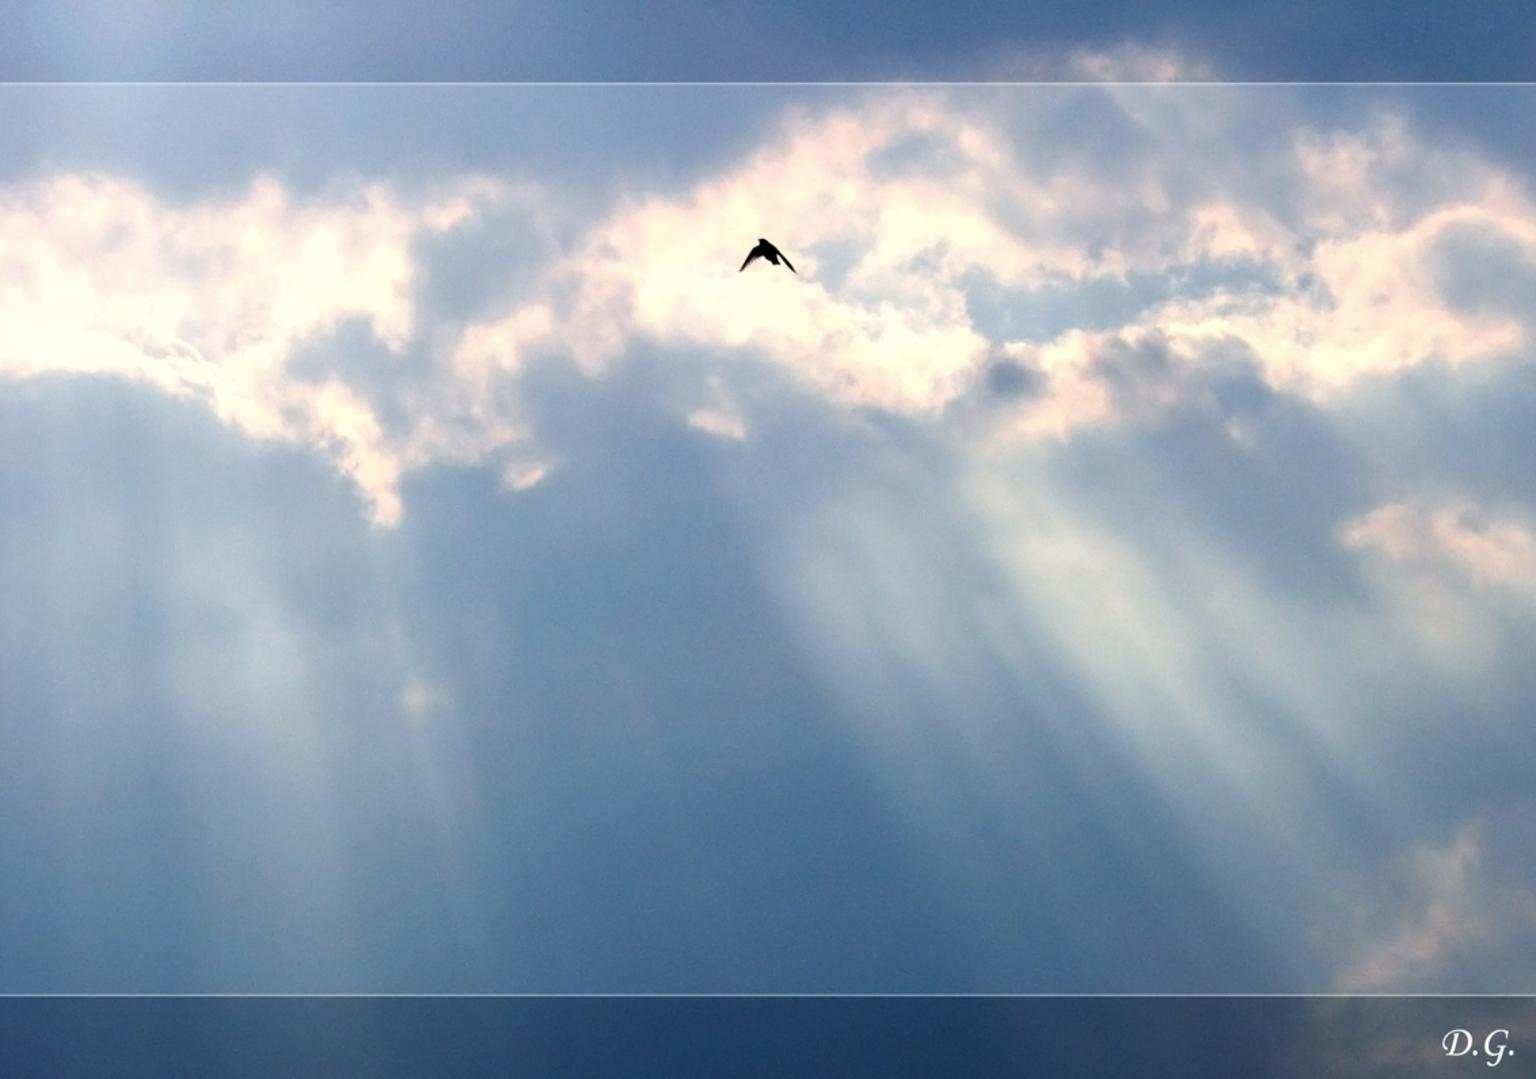 High Above - Het ging mij hier niet direct om de zwaluw (even de grote versie bekijken) Maar meer om de foto in zijn geheel. - foto door daniel44 op 06-01-2006 - deze foto bevat: lucht, zon, hoog, zwaluw, stralen, daniel44